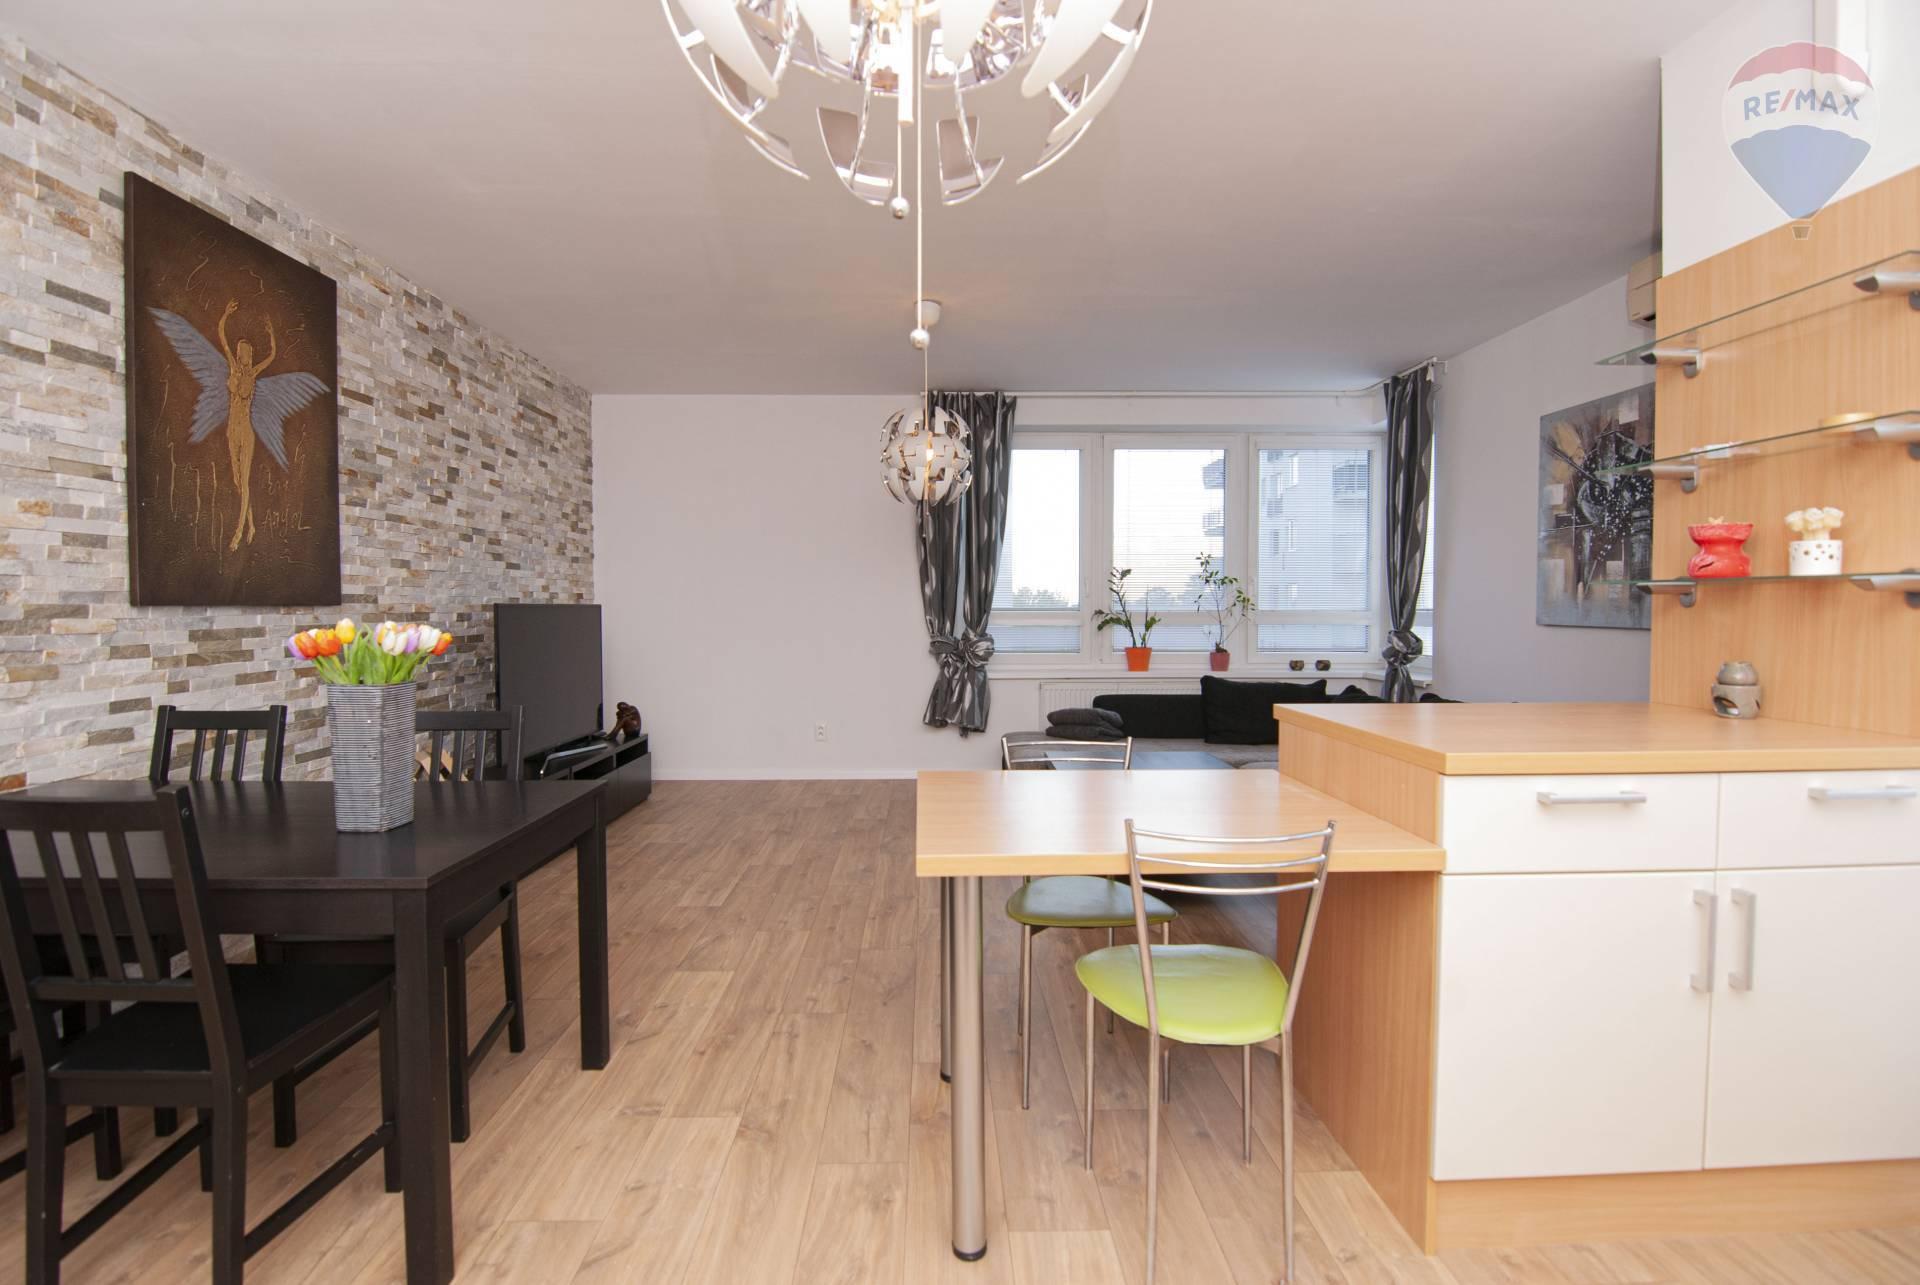 Prenájom bytu (2 izbový) 73 m2, Bratislava - Podunajské Biskupice -